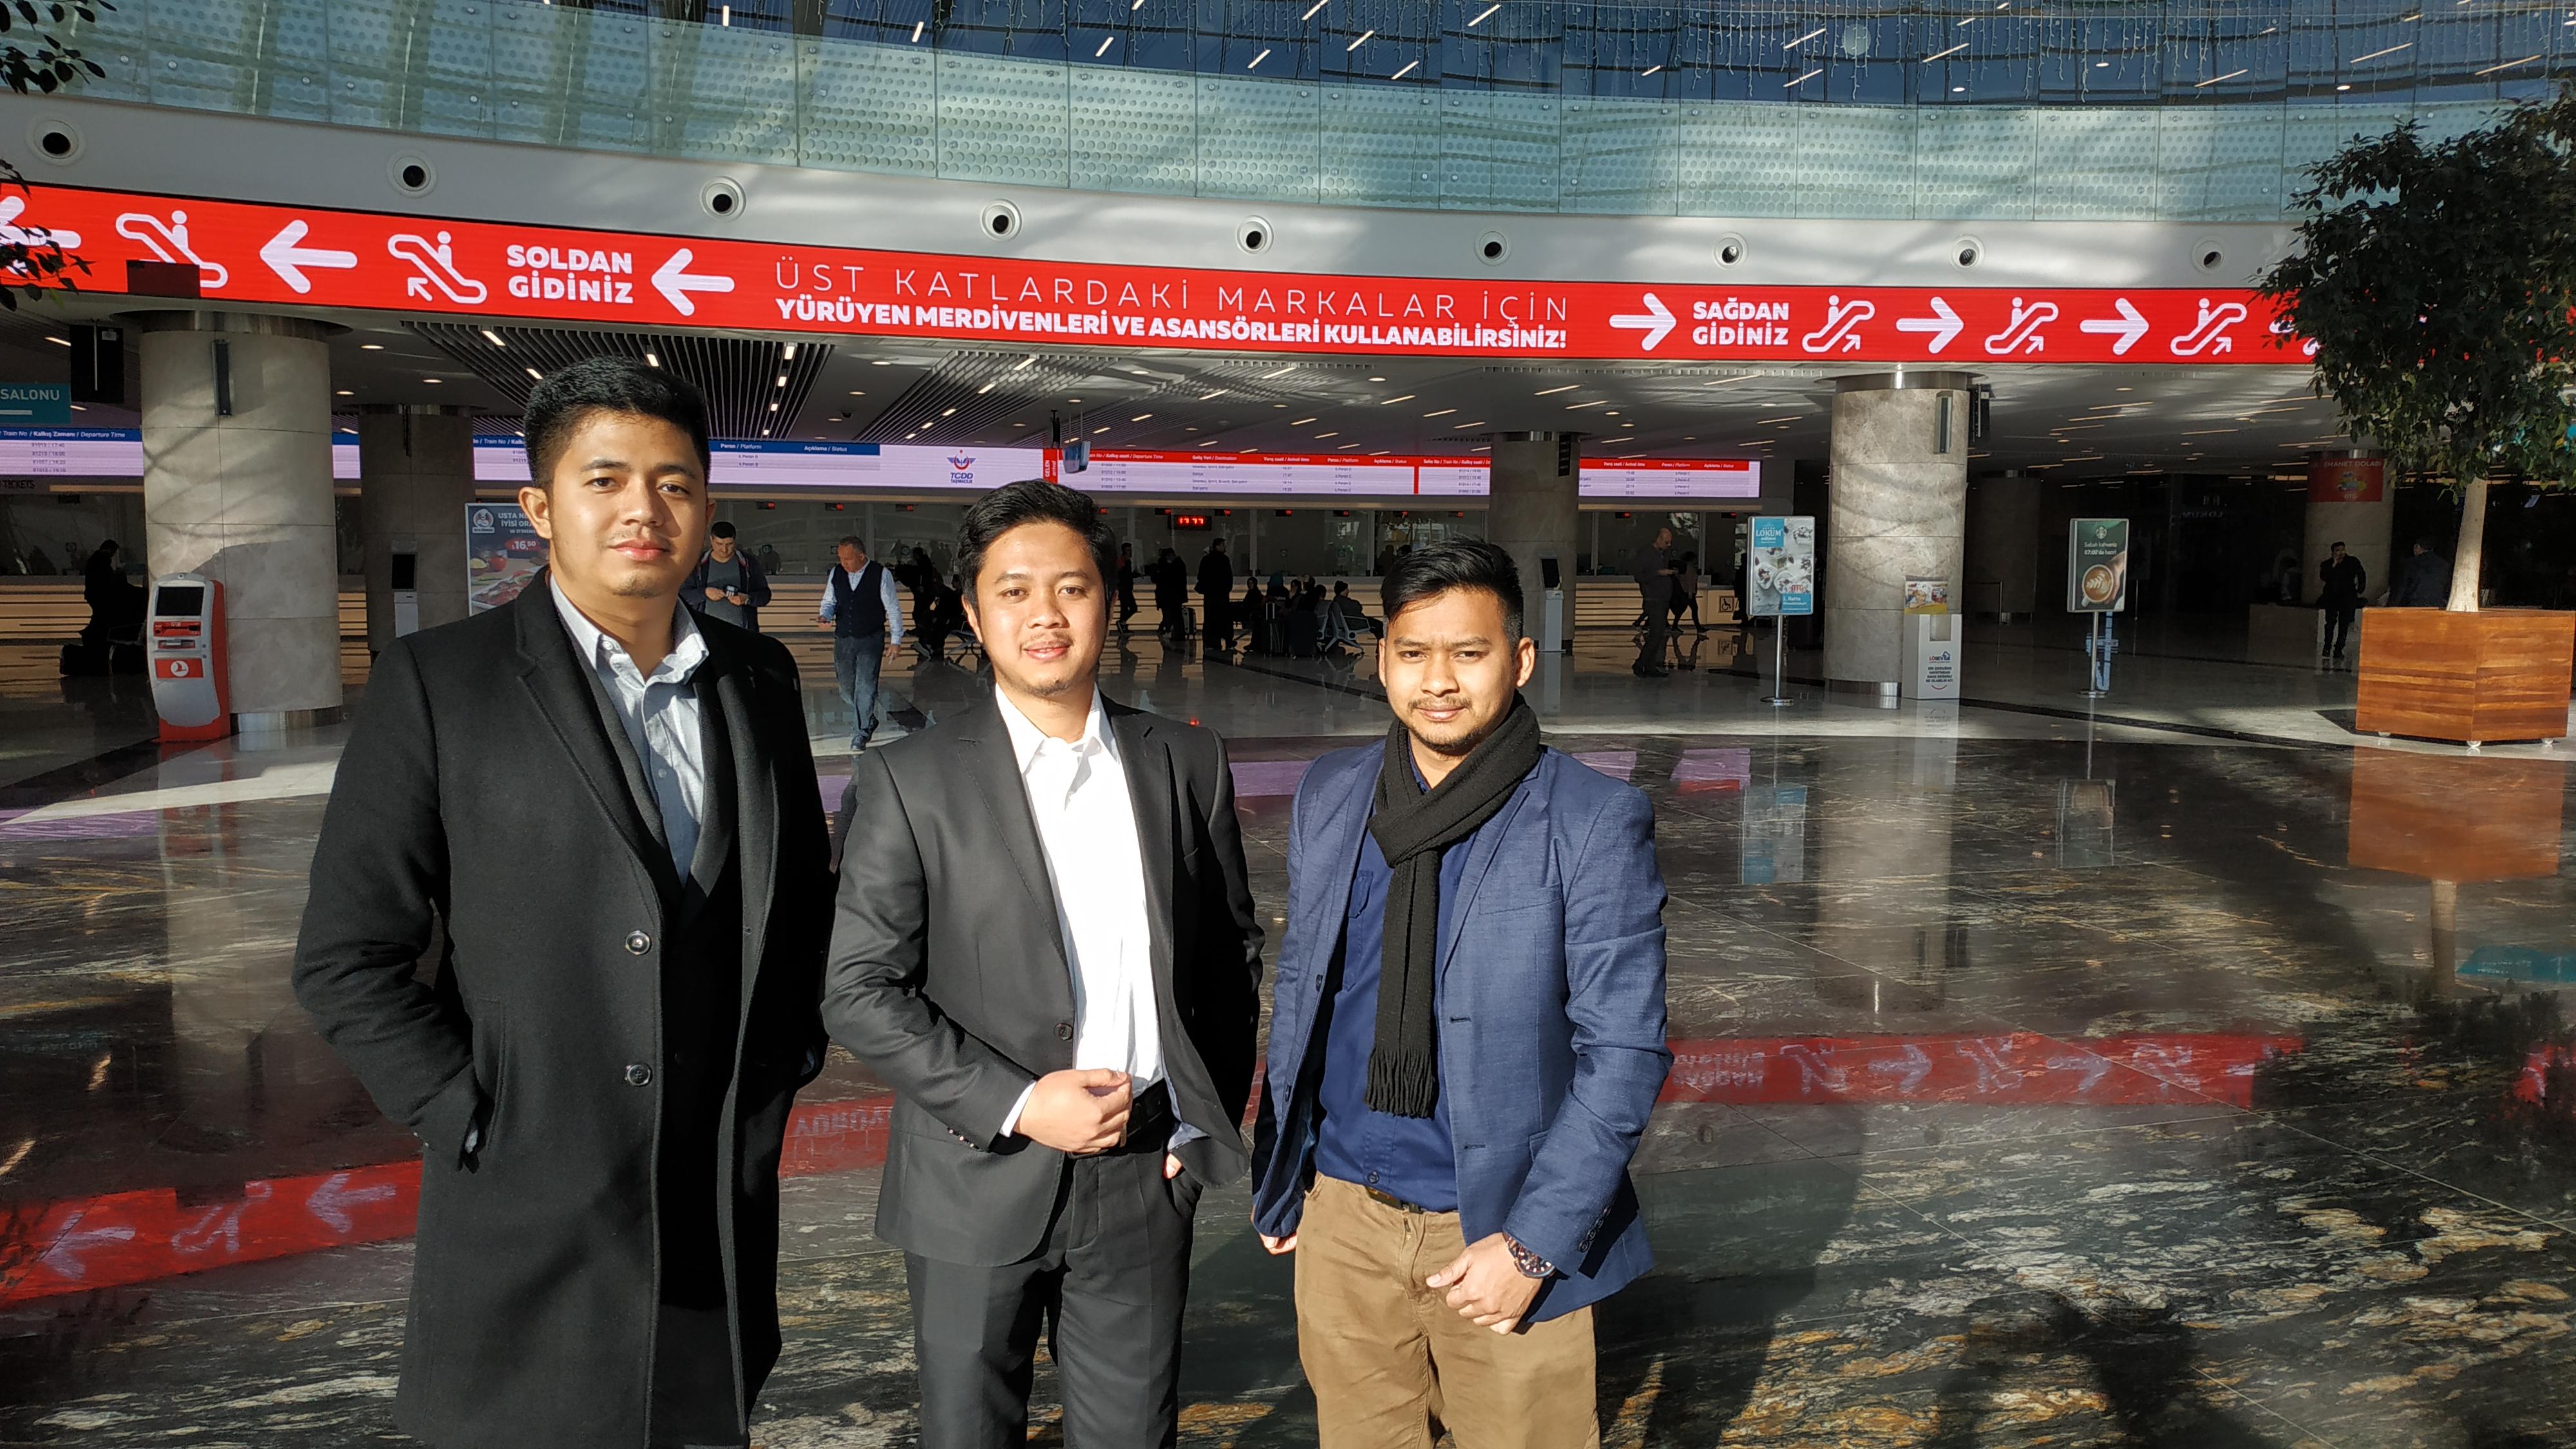 Farhan, Gesta dan Adli inisiator komunitas pelajar ASEAN di Turki